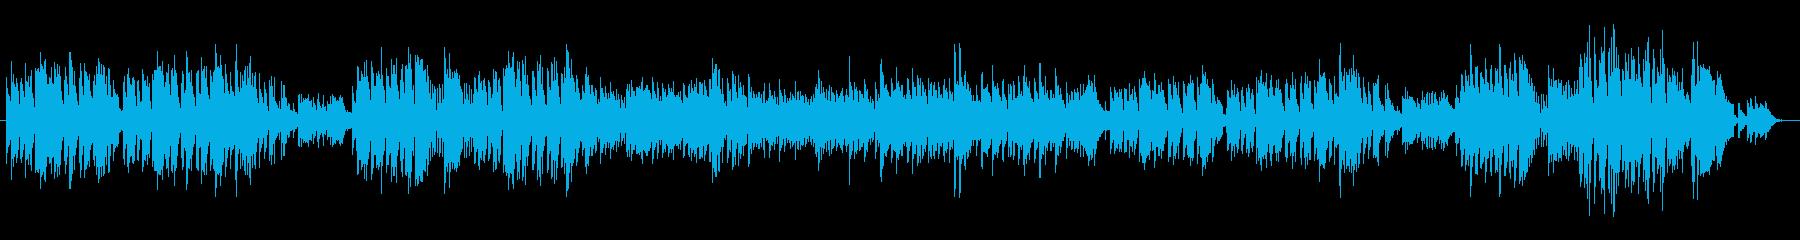 ワルツ 第3番 ピアノソロ版の再生済みの波形